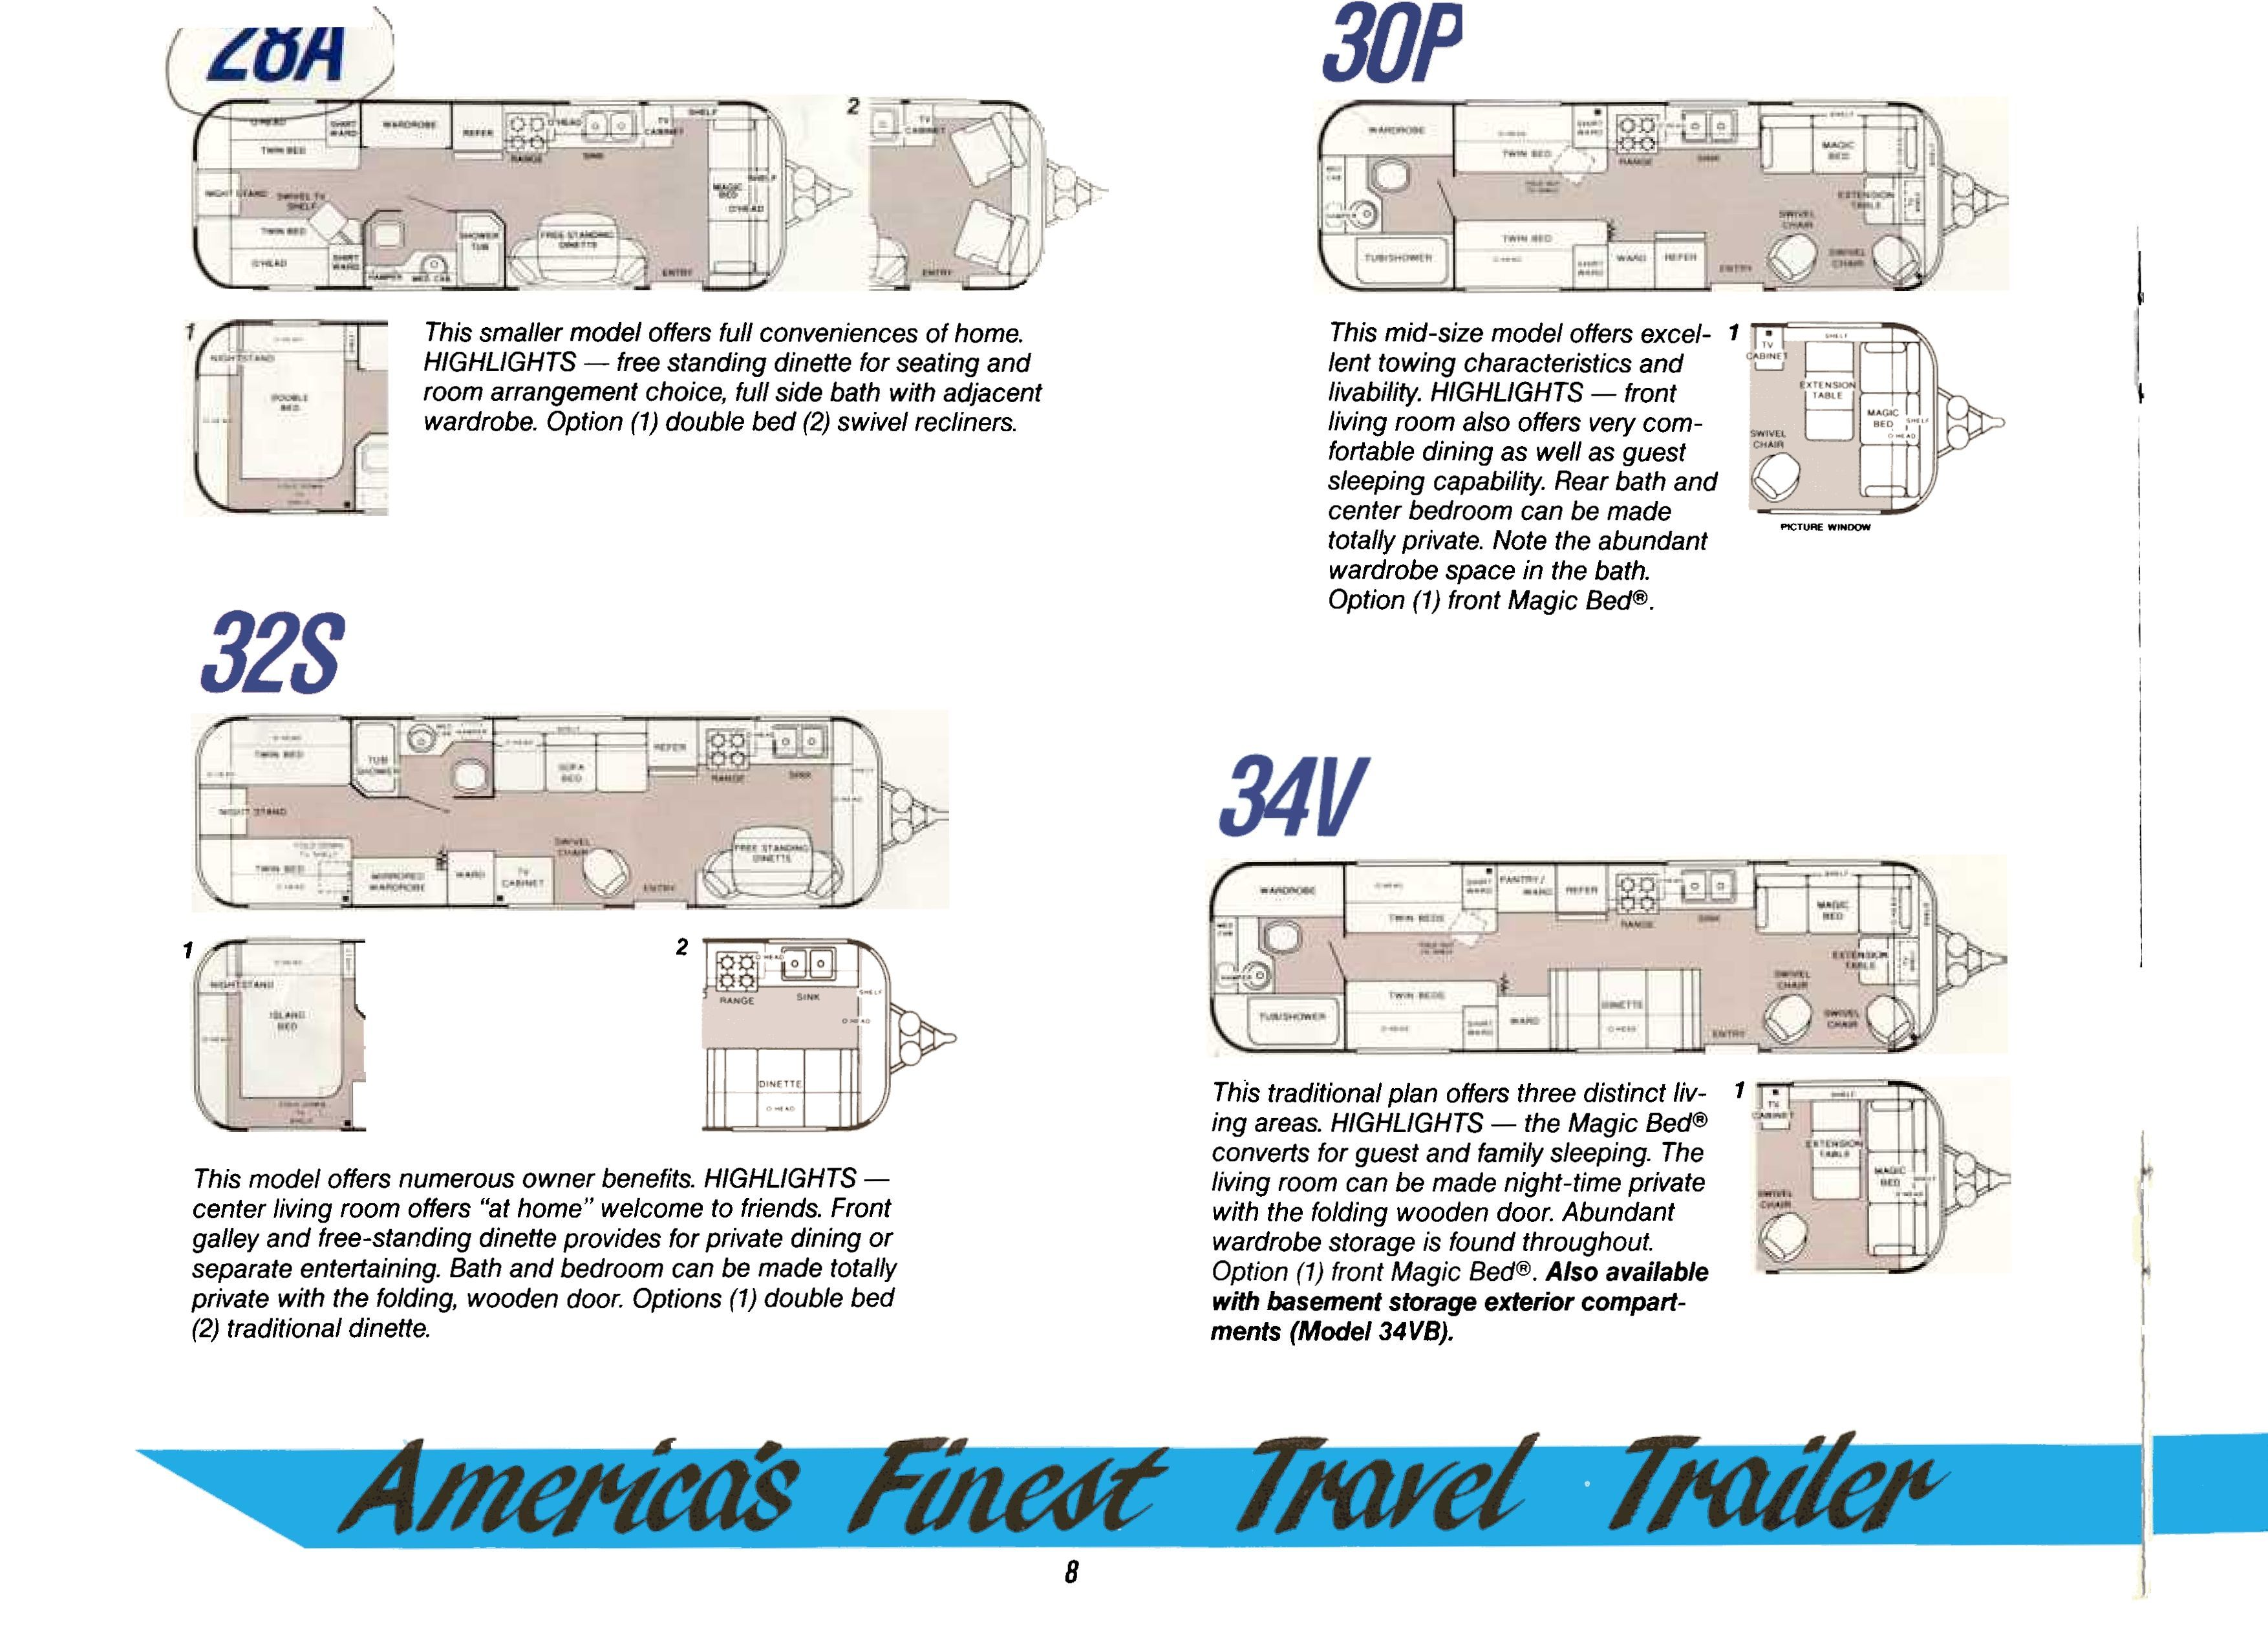 Airstream Trailer Wiring Diagram Explained Diagrams 110v For Tv Wire Center U2022 Plug